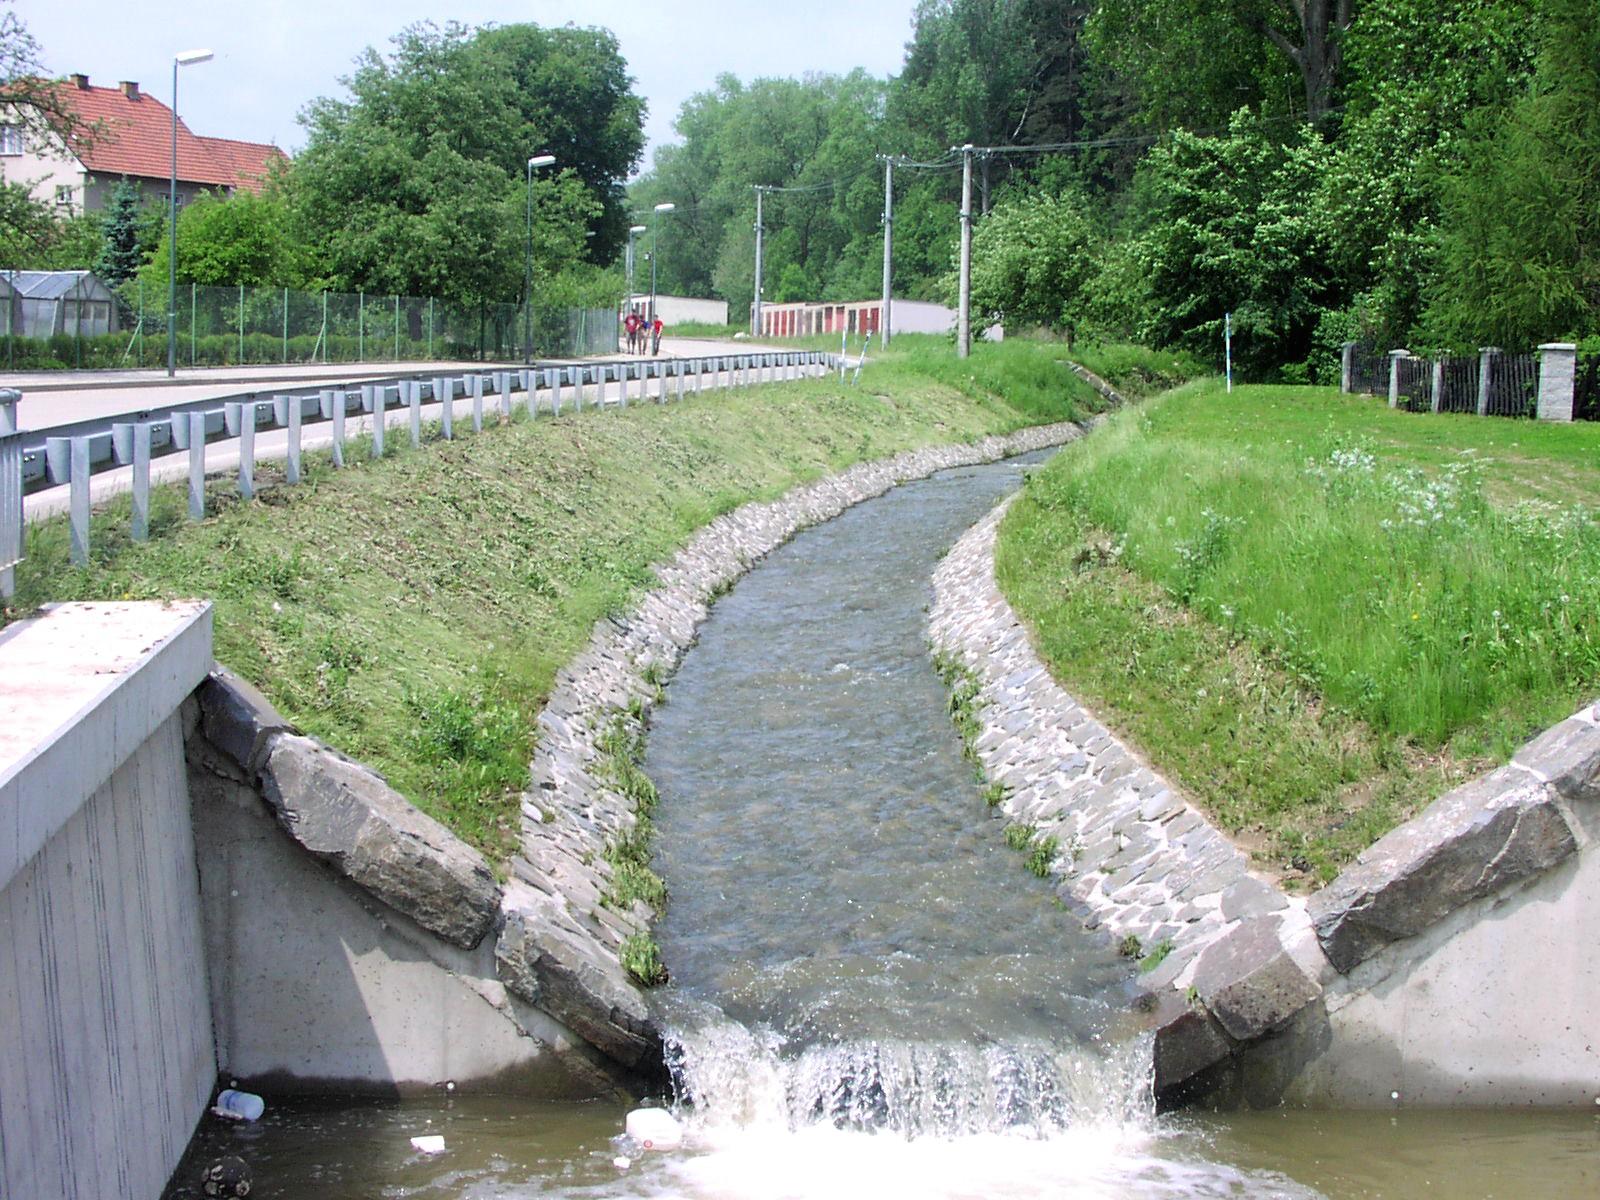 Stav břehů potoka po povodni nevykazuje žádné poruchy